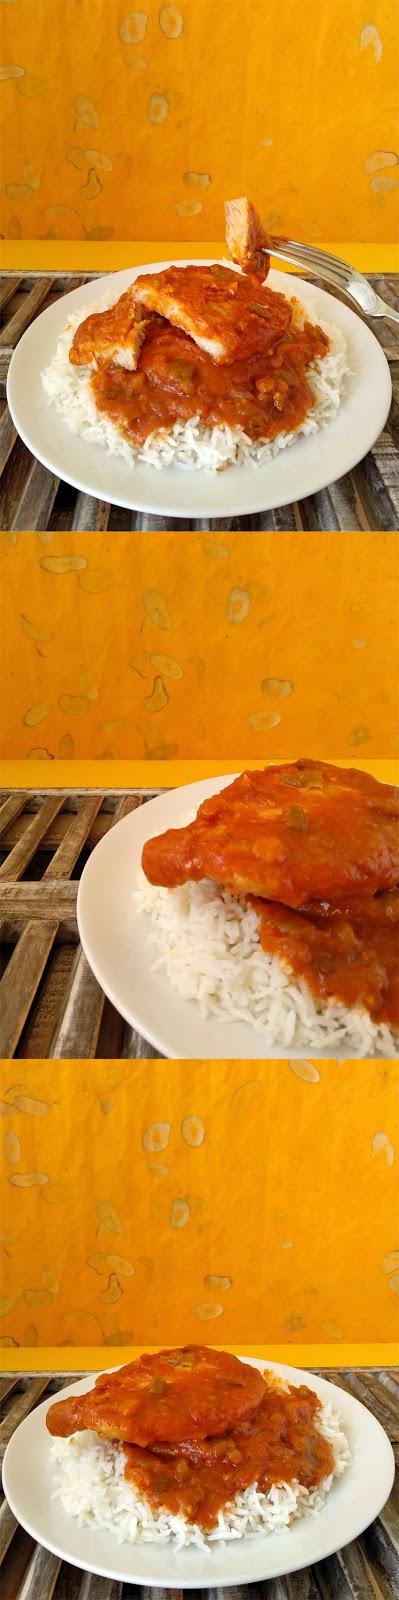 Pork Grillades receta cajun de New Orleans la cocinera novata chuletas de cerdo cocina receta gastronomia norteamericana guiso especias lousiana santa trinidad